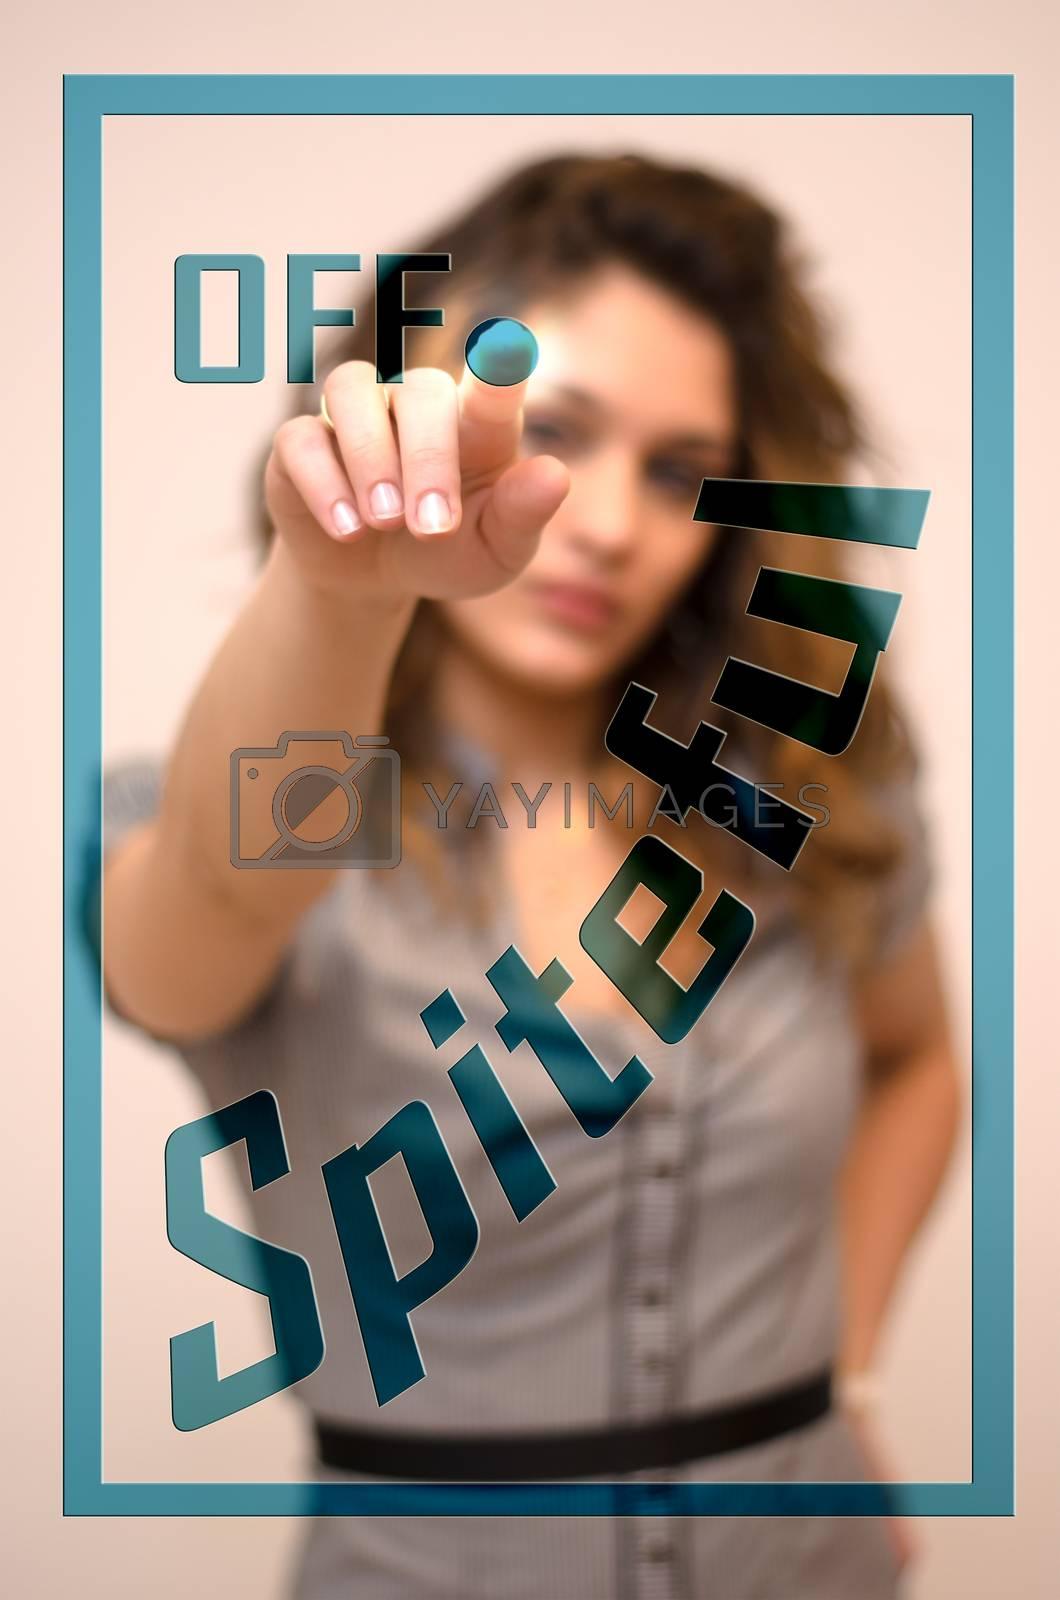 Royalty free image of anger management, turn off Spiteful  by vepar5